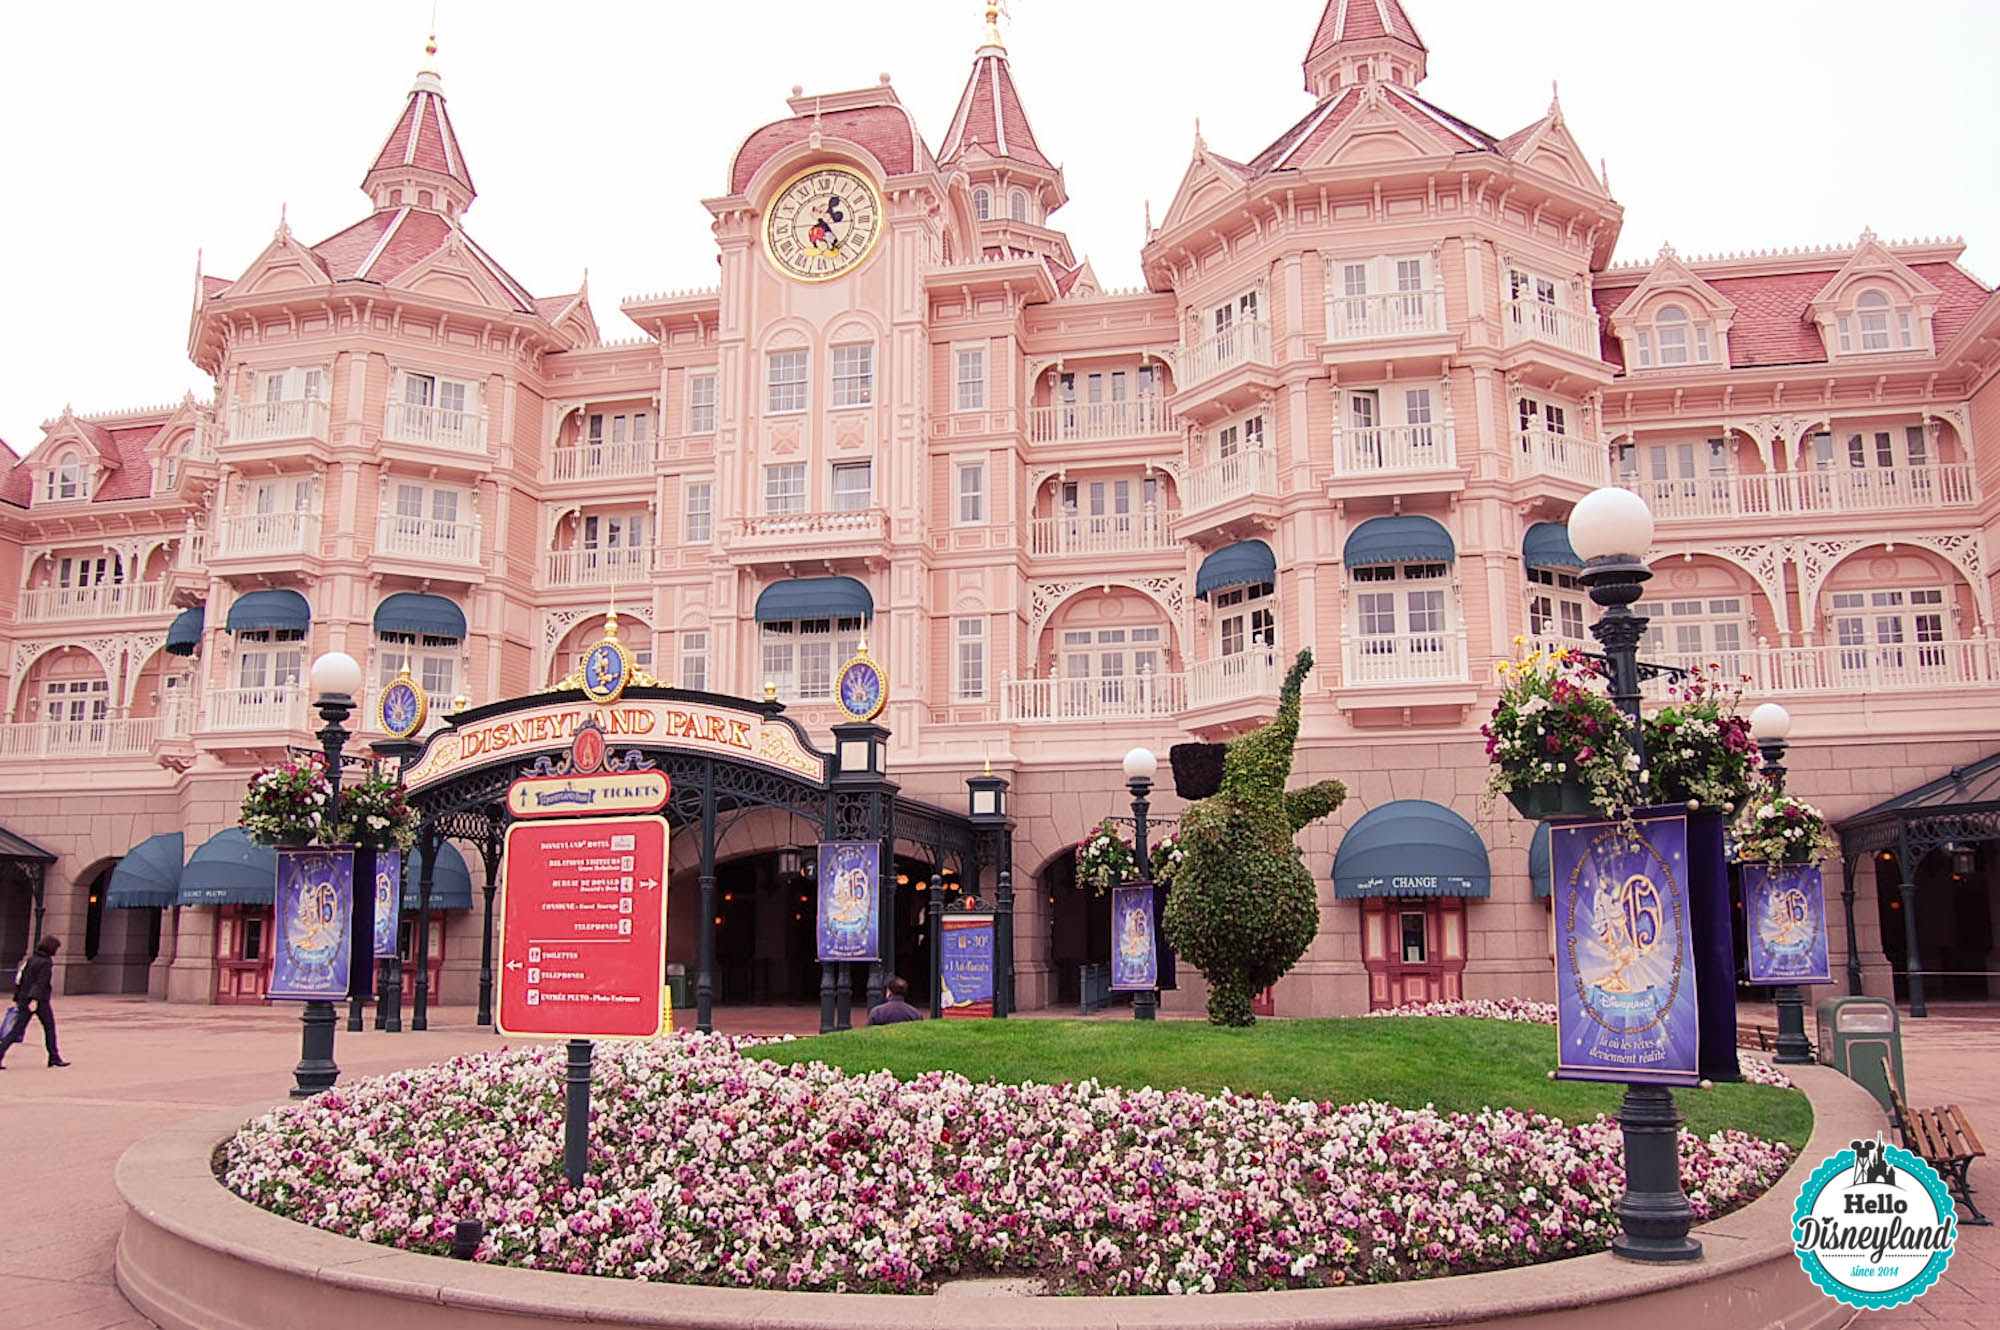 Hello disneyland le blog n 1 sur disneyland paris for Hotel les secrets de paris